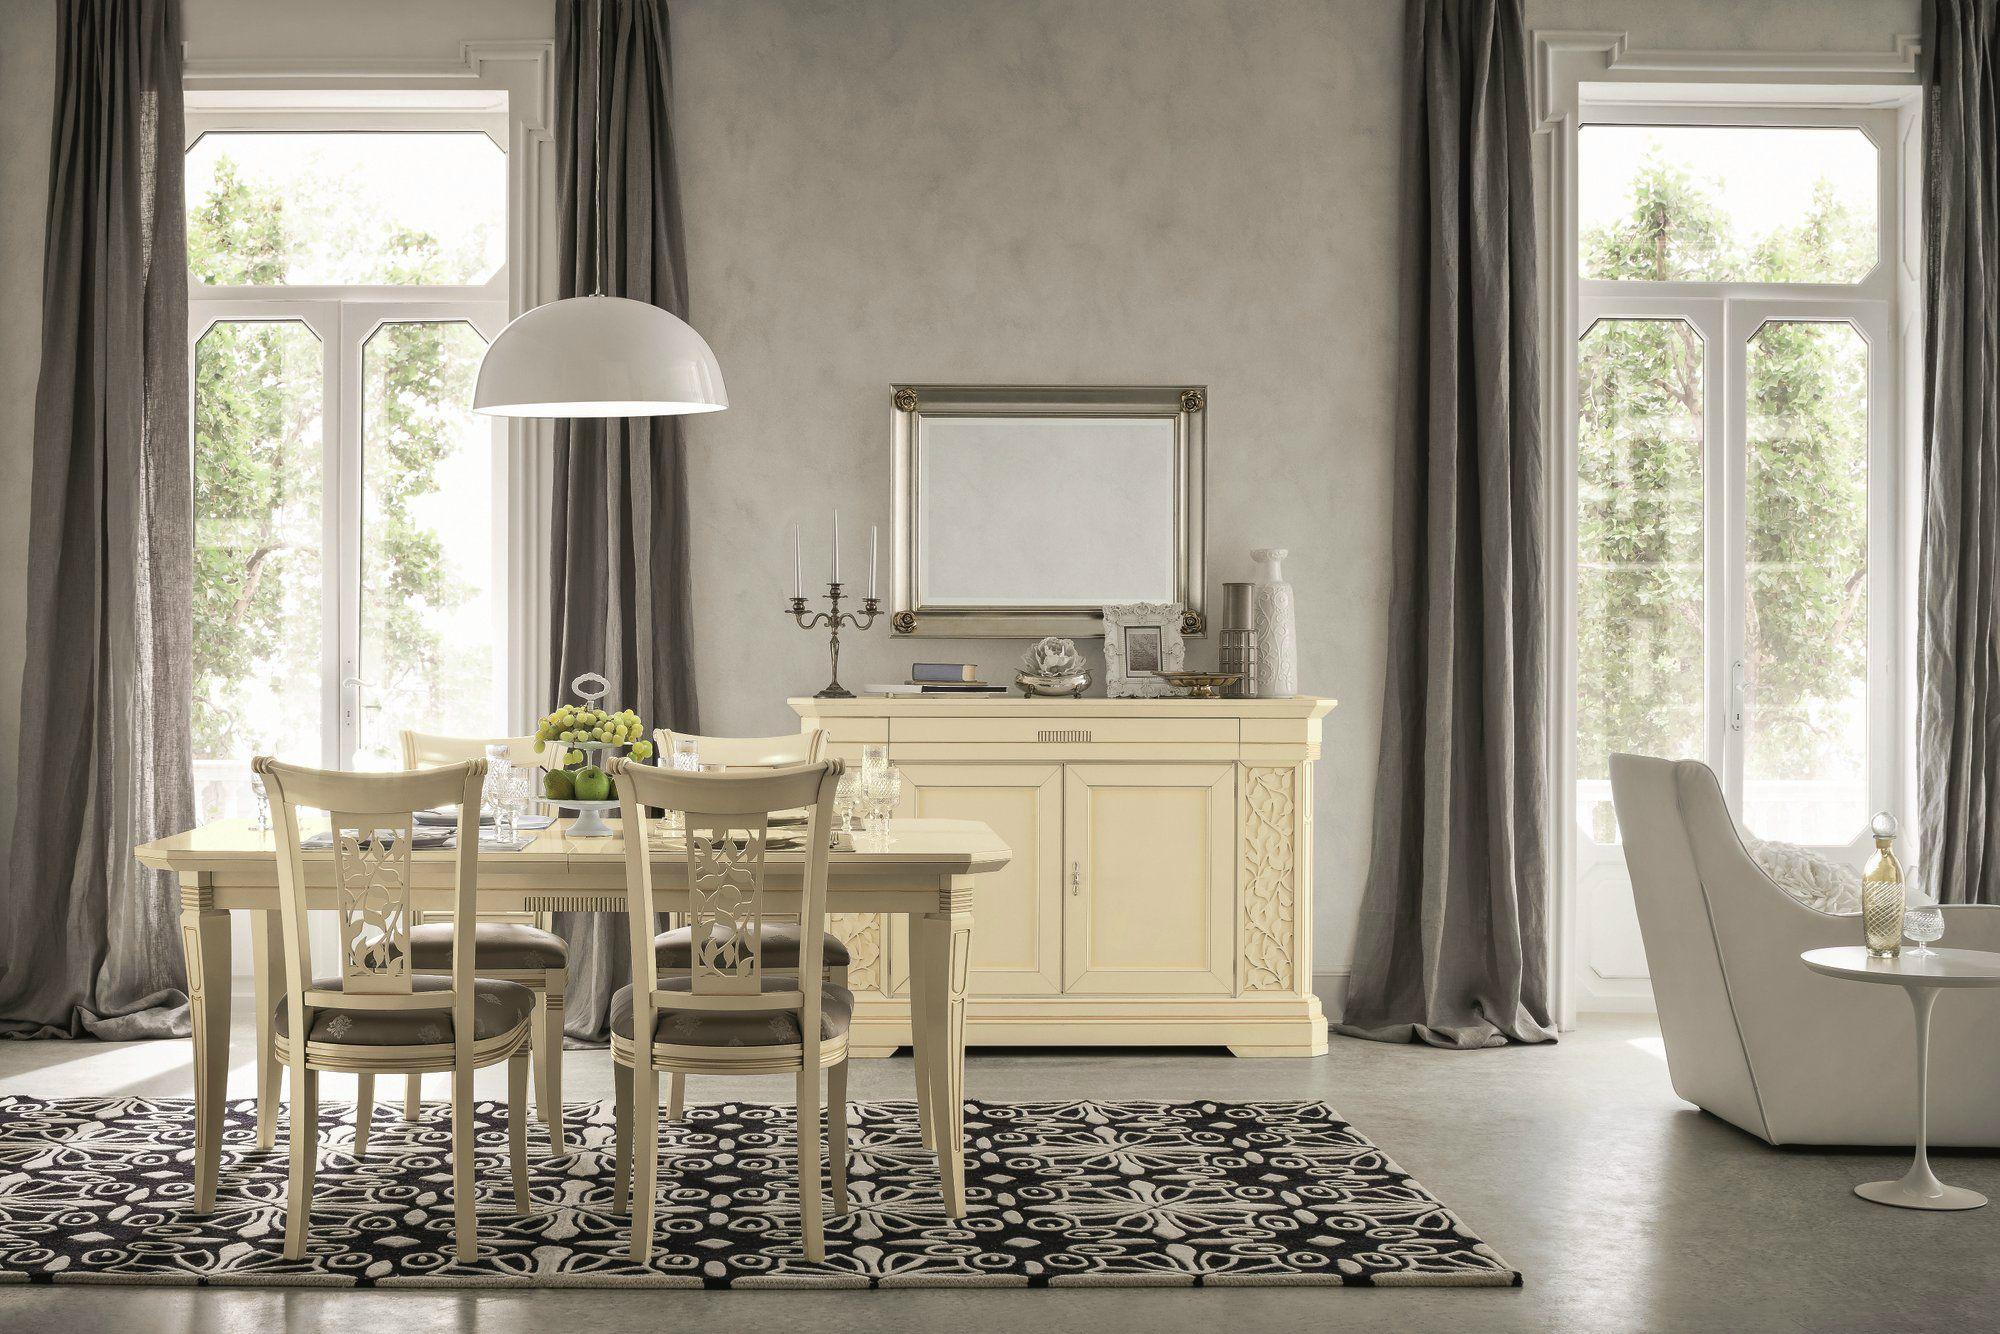 Tiffany sedia laccata by dall agnese design imago design meneghin studio - Dall agnese mobili classici ...